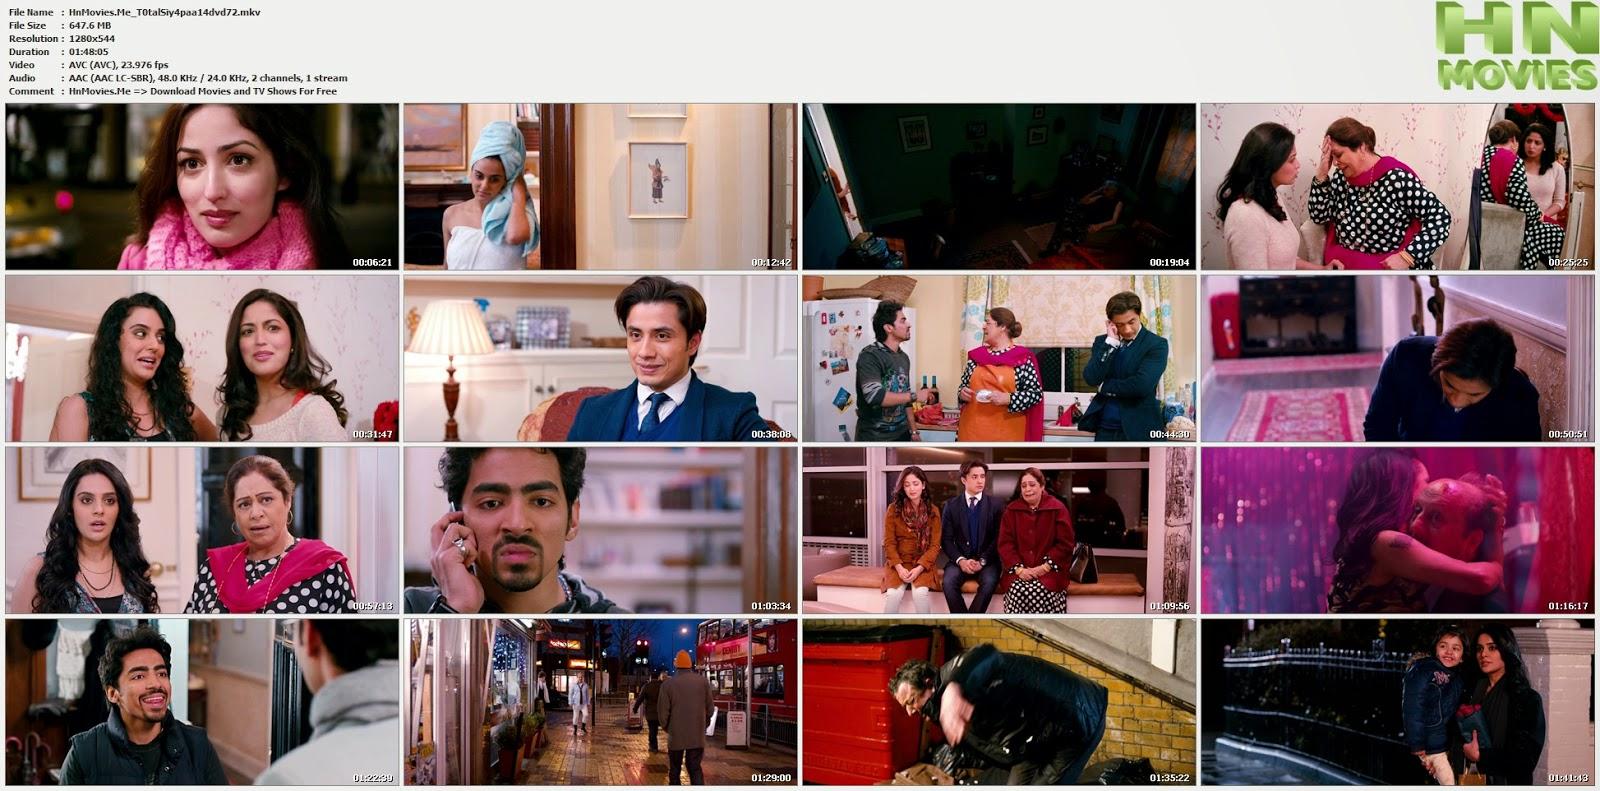 movie screenshot of Total Chaos fdmovie.com